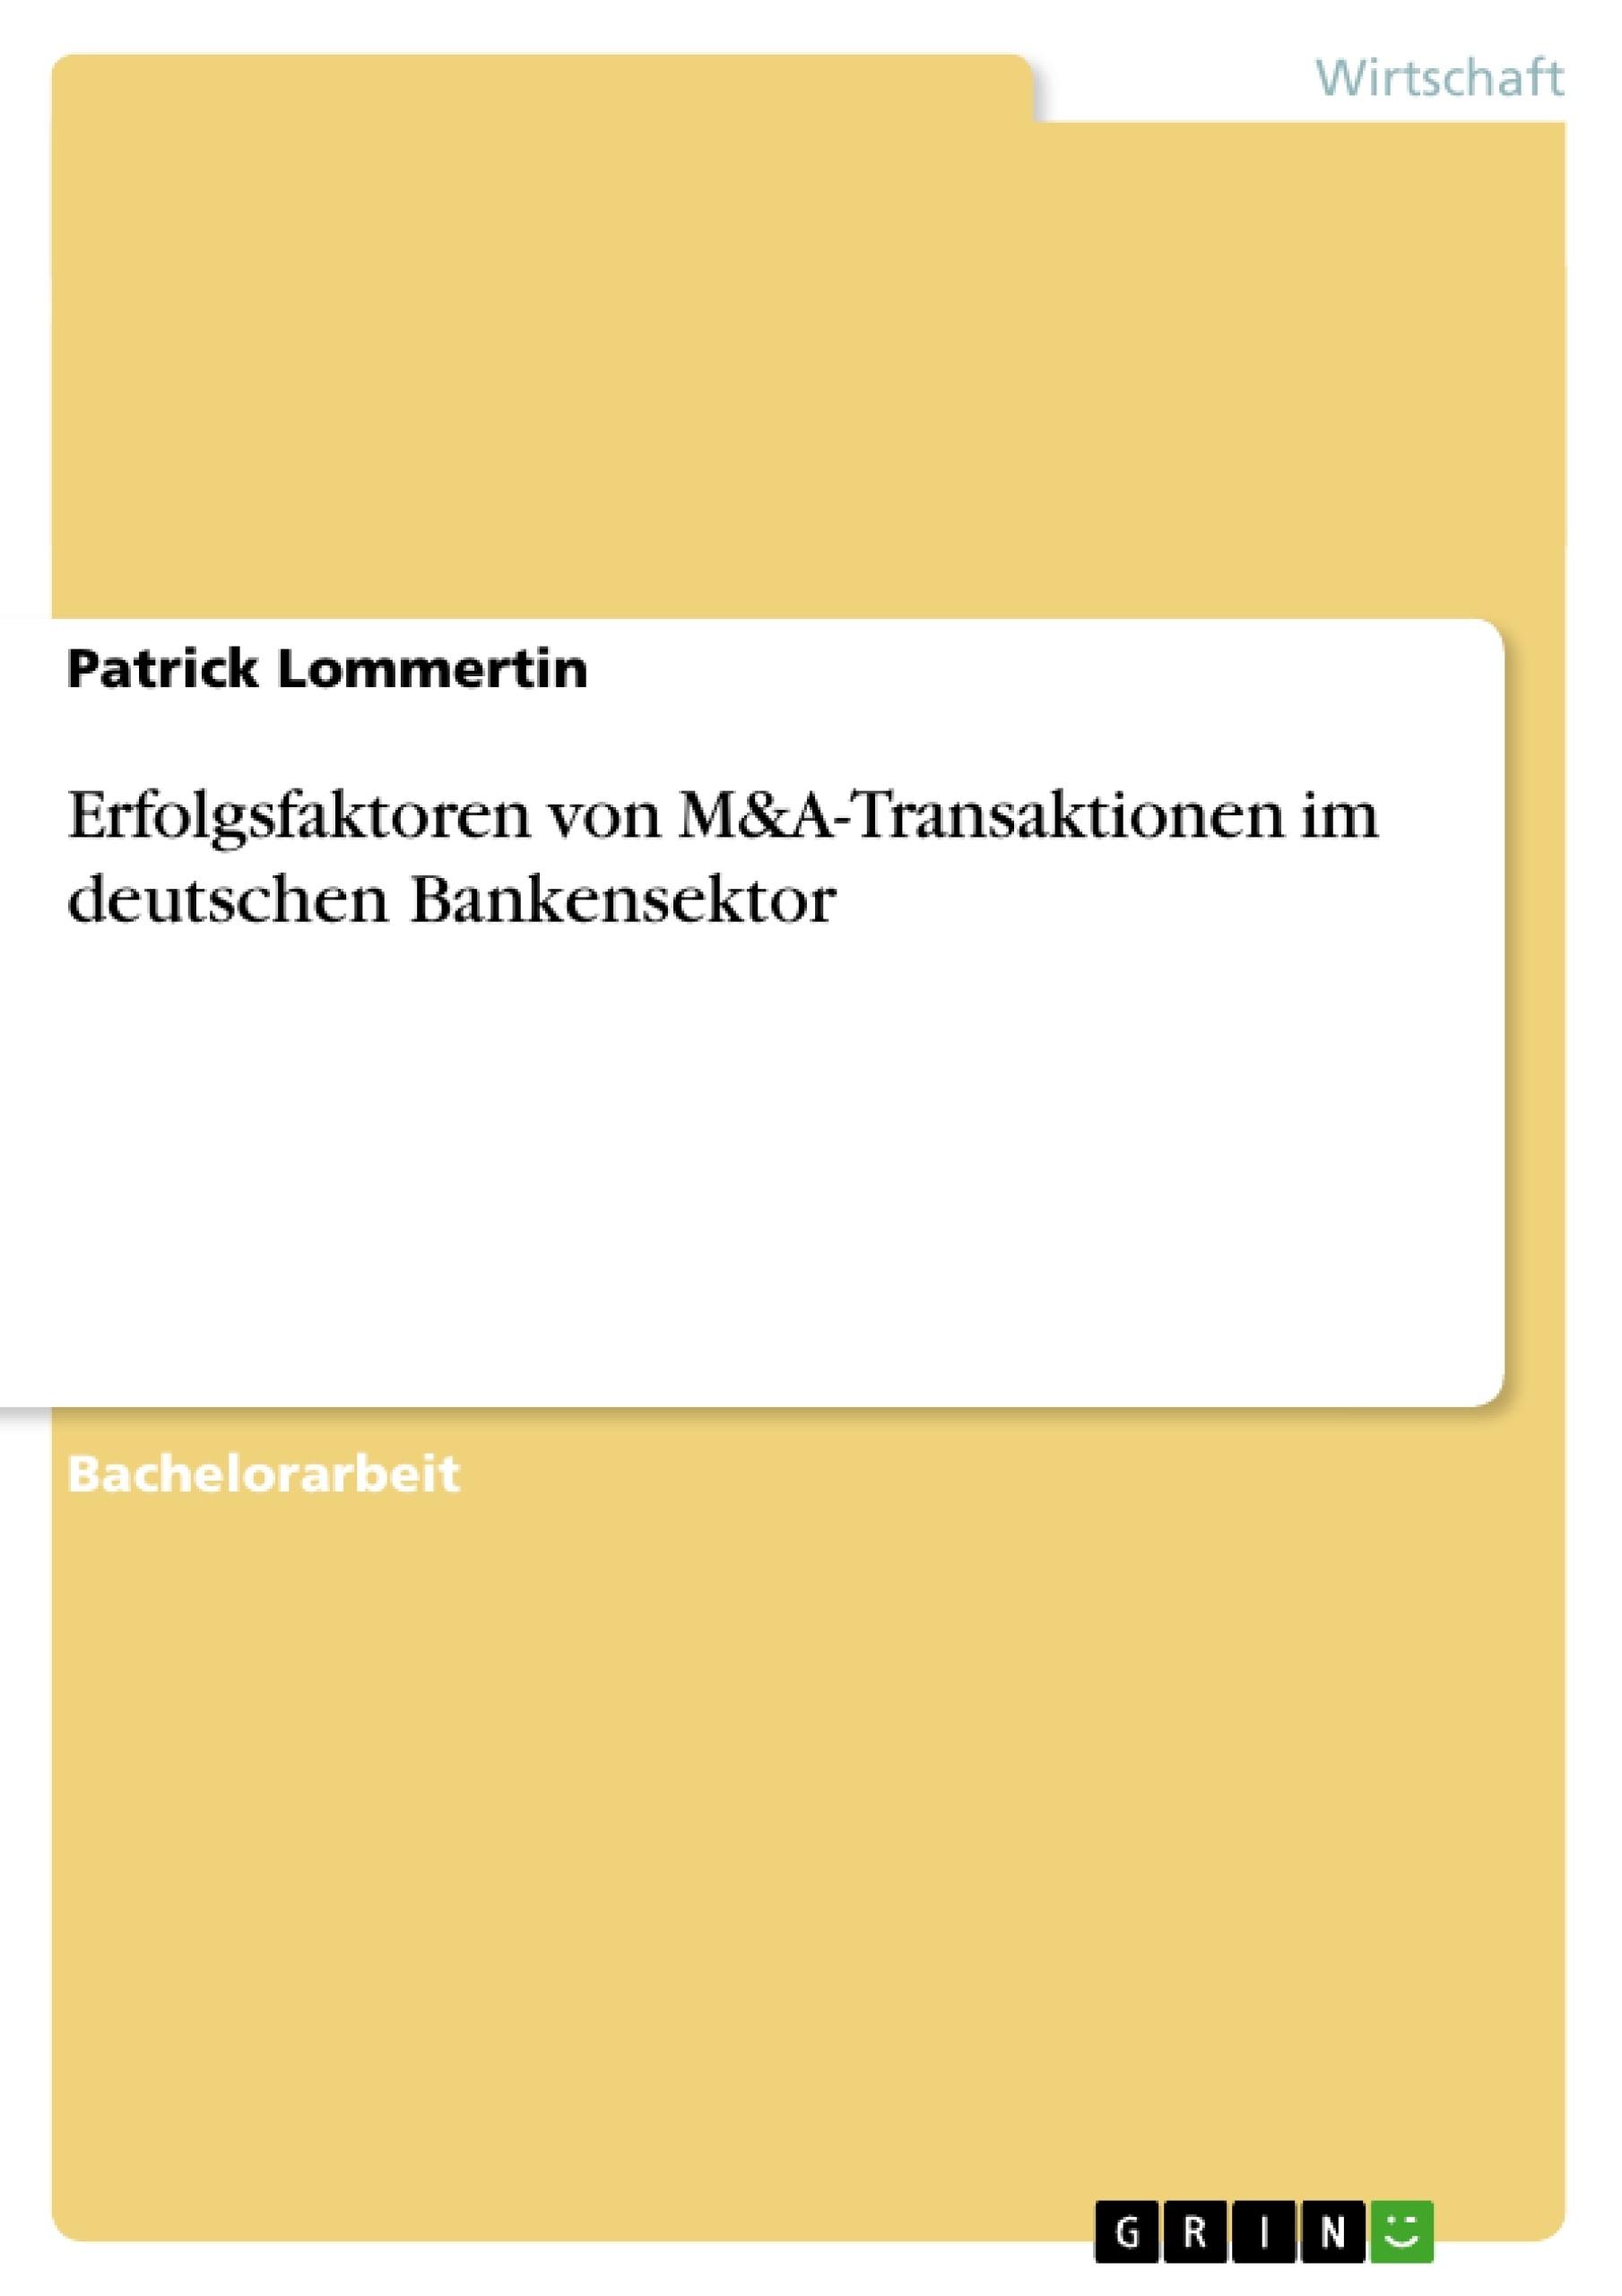 Titel: Erfolgsfaktoren von M&A-Transaktionen im deutschen Bankensektor